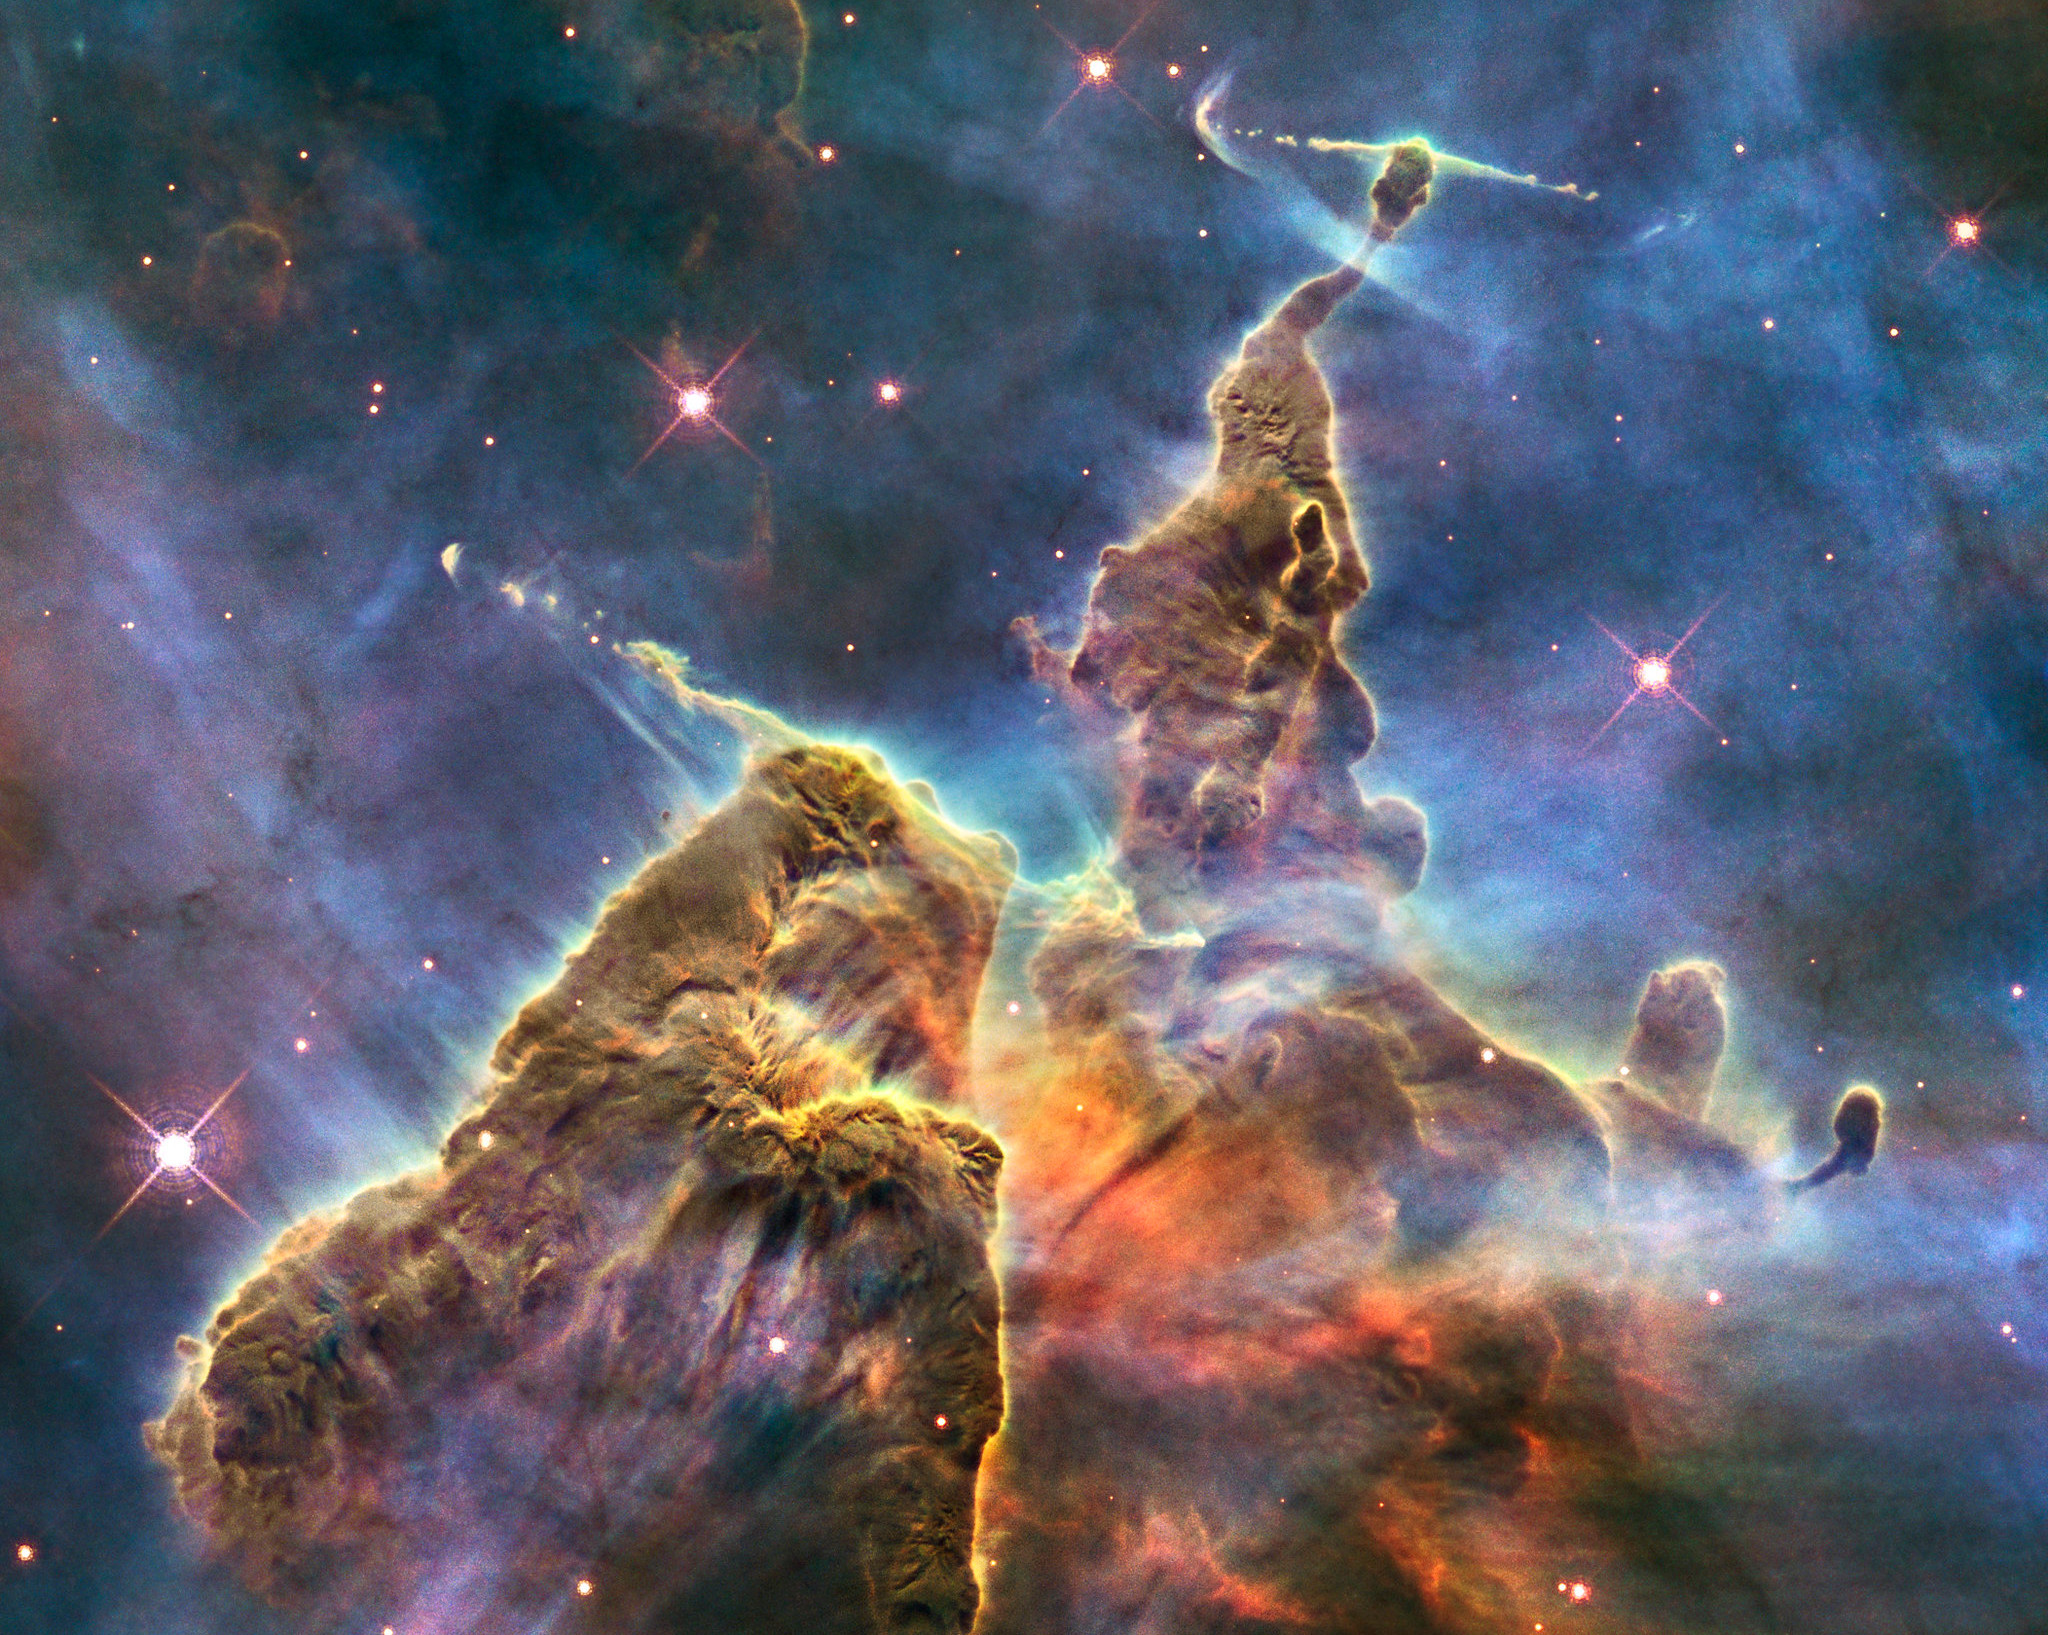 30 χρόνια τηλεσκόπιο Hubble μέσα από 30 αδιανόητα όμορφες εικόνες του διαστήματος